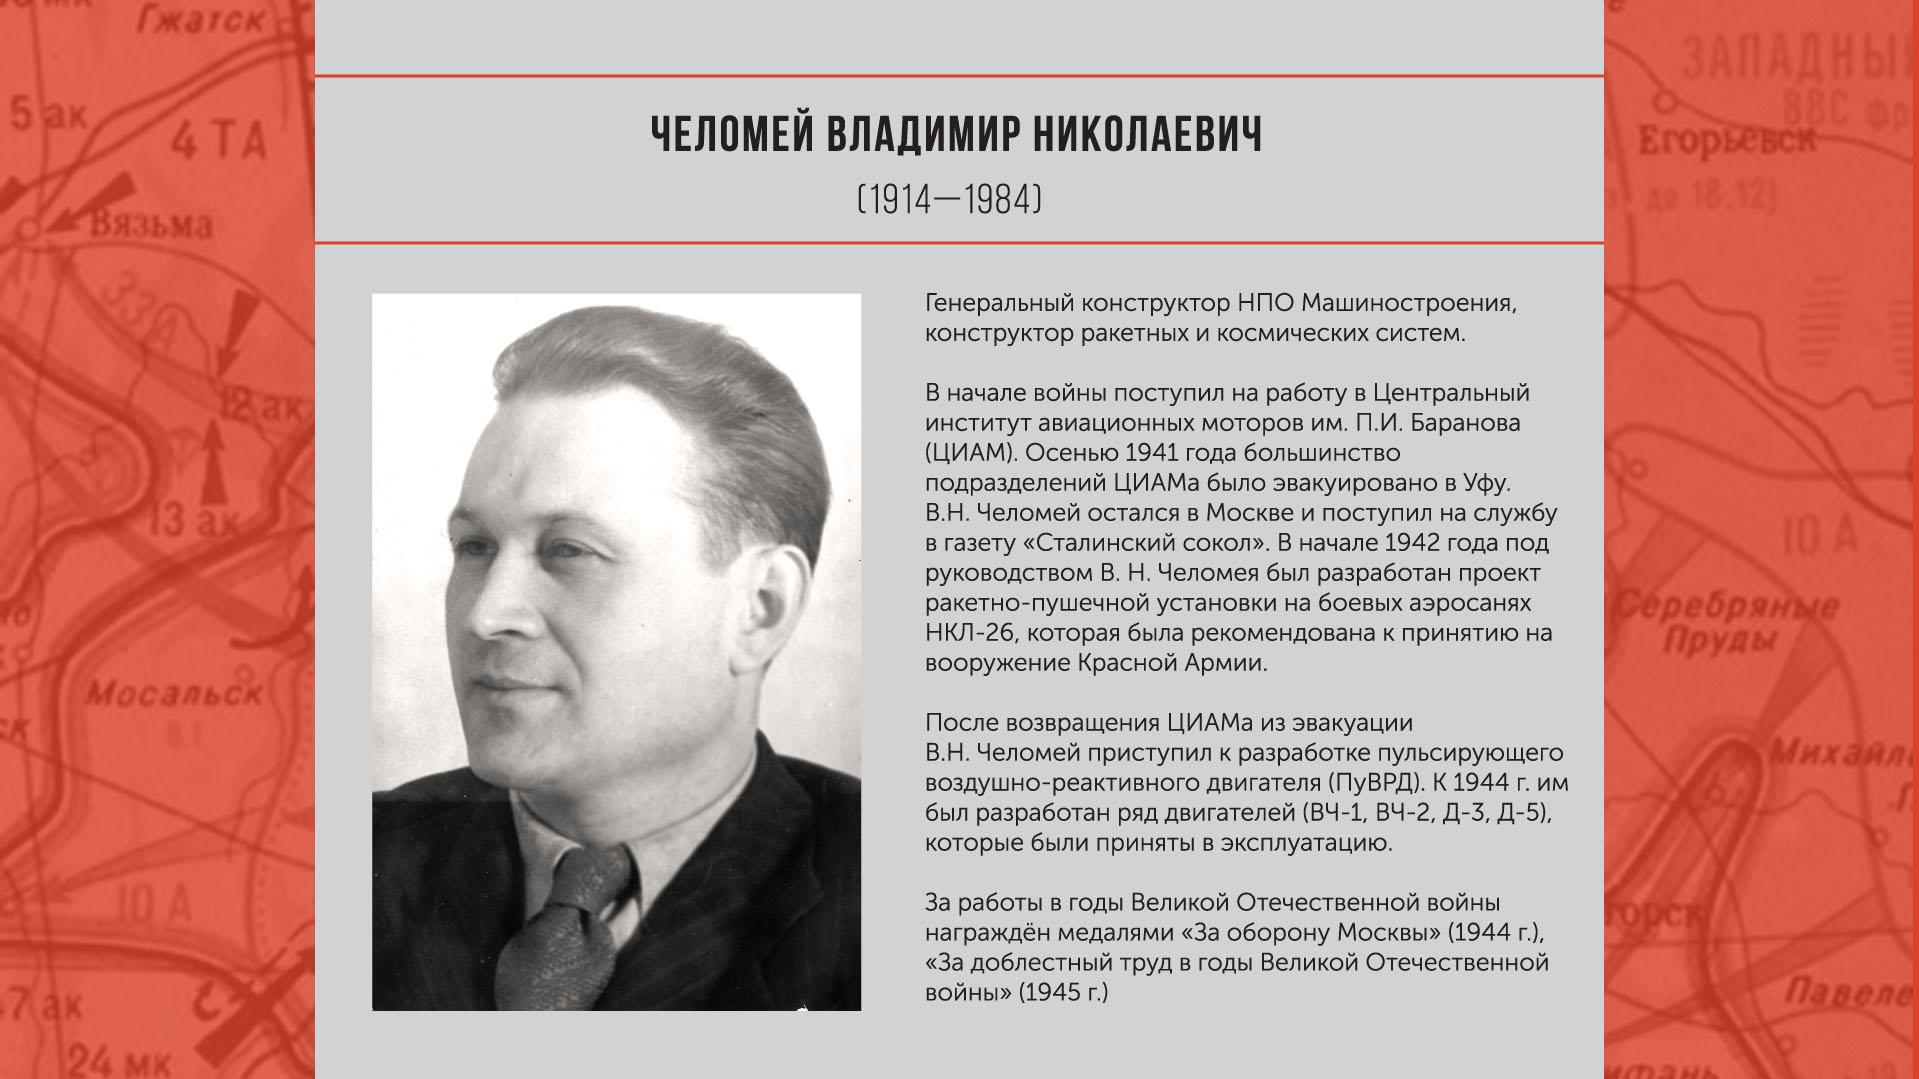 Челомей Владимир Николаевич